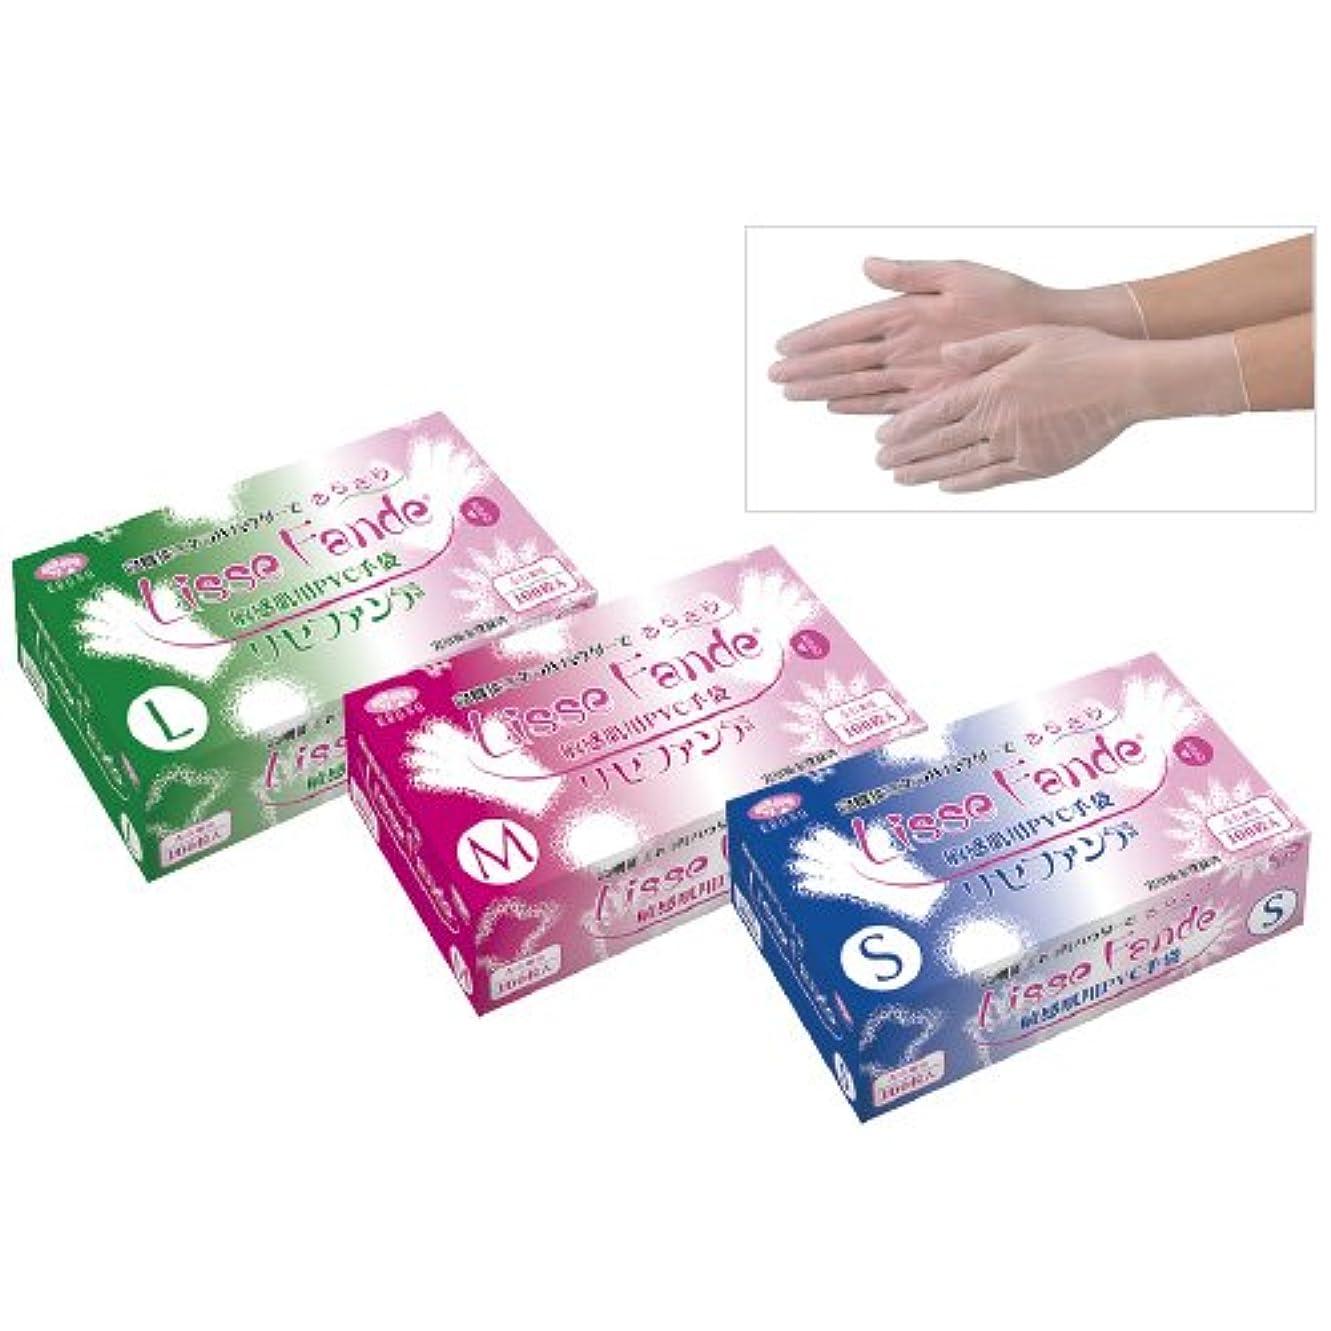 起きてクレアフィッティング敏感肌用PVC手袋リセファンデ 117(S)100???? ??????????PVC??????(24-4373-00)【エブノ】[20箱単位]